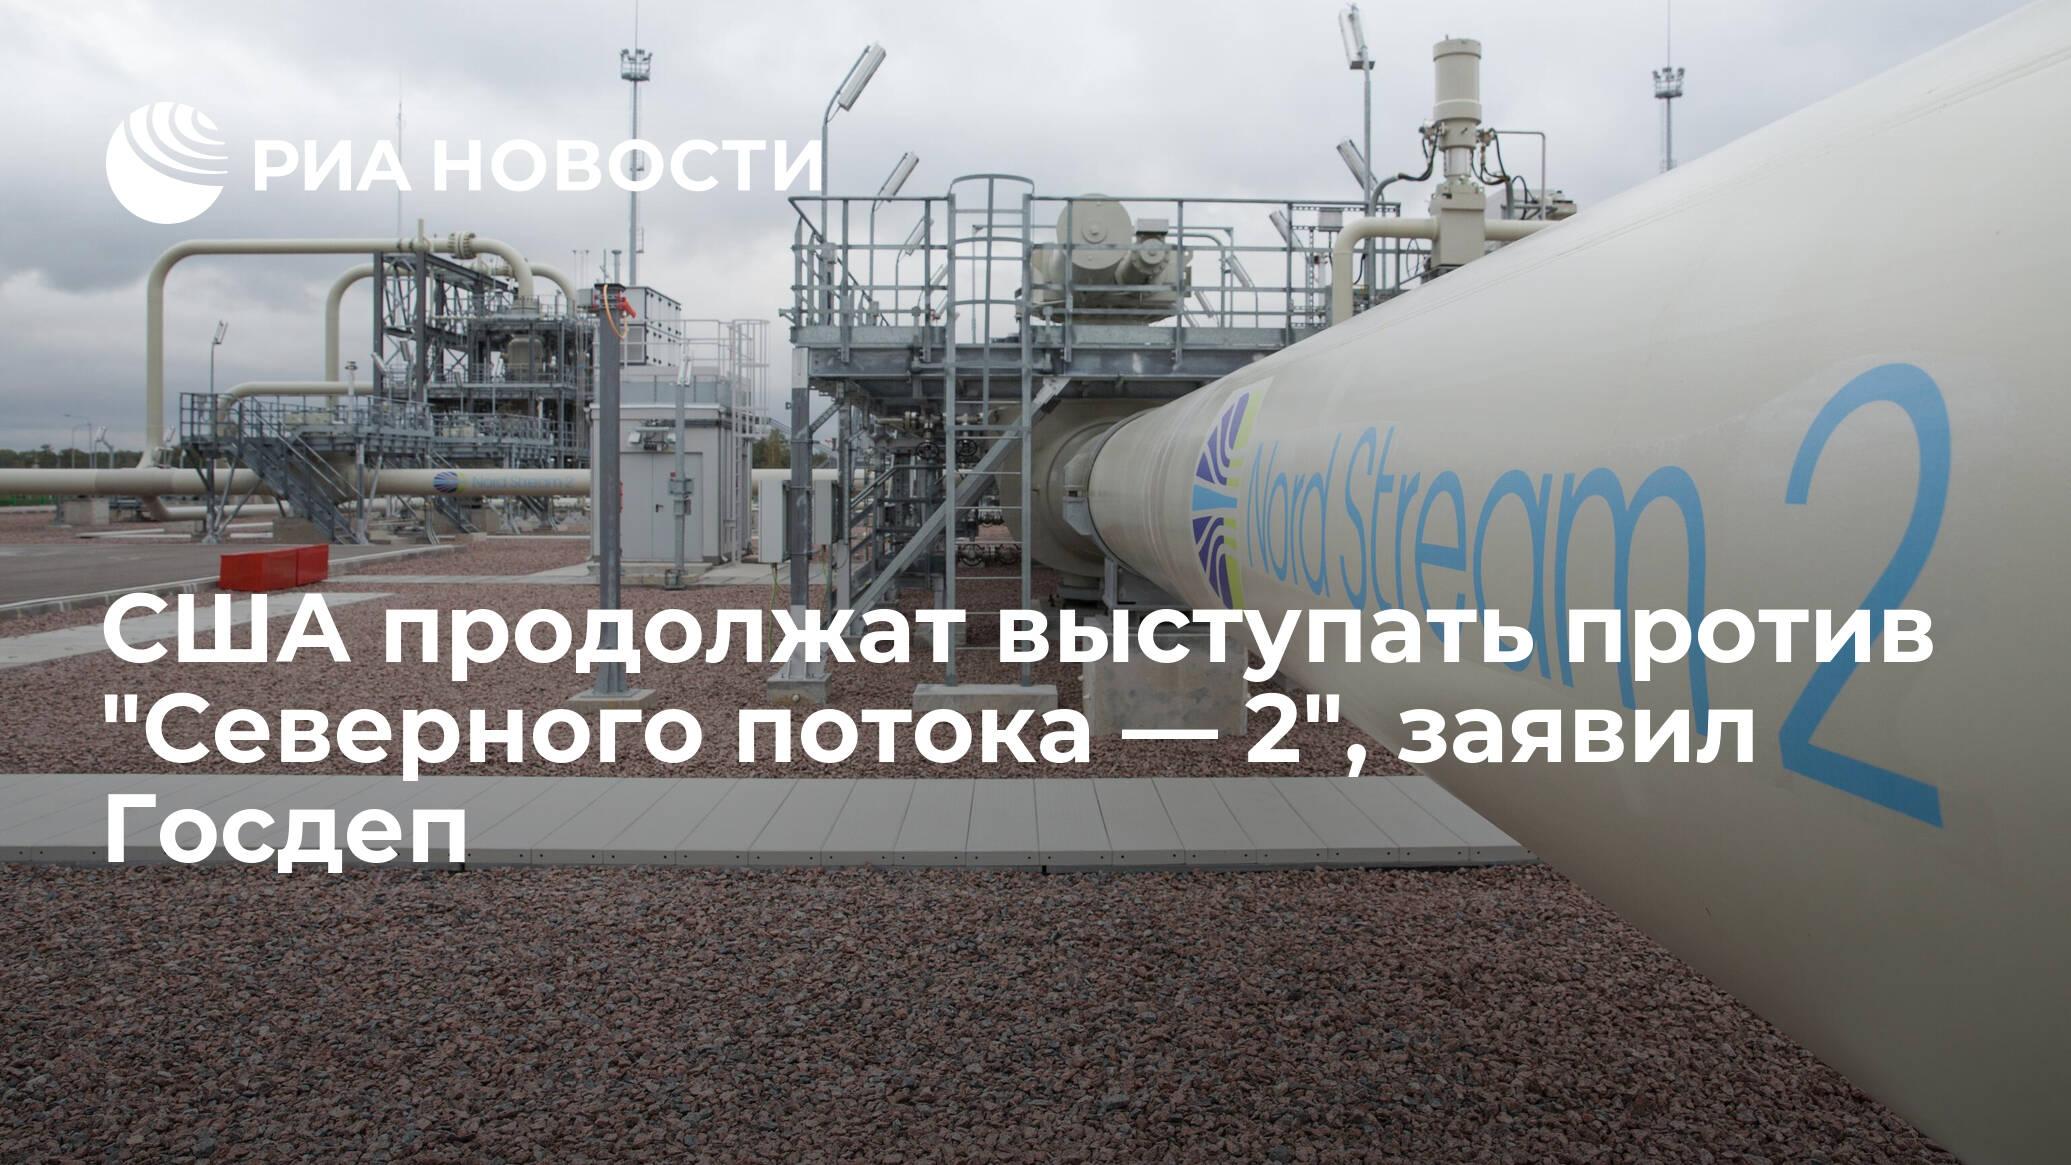 """США продолжат выступать против """"Северного потока — 2"""", заявил Госдеп"""